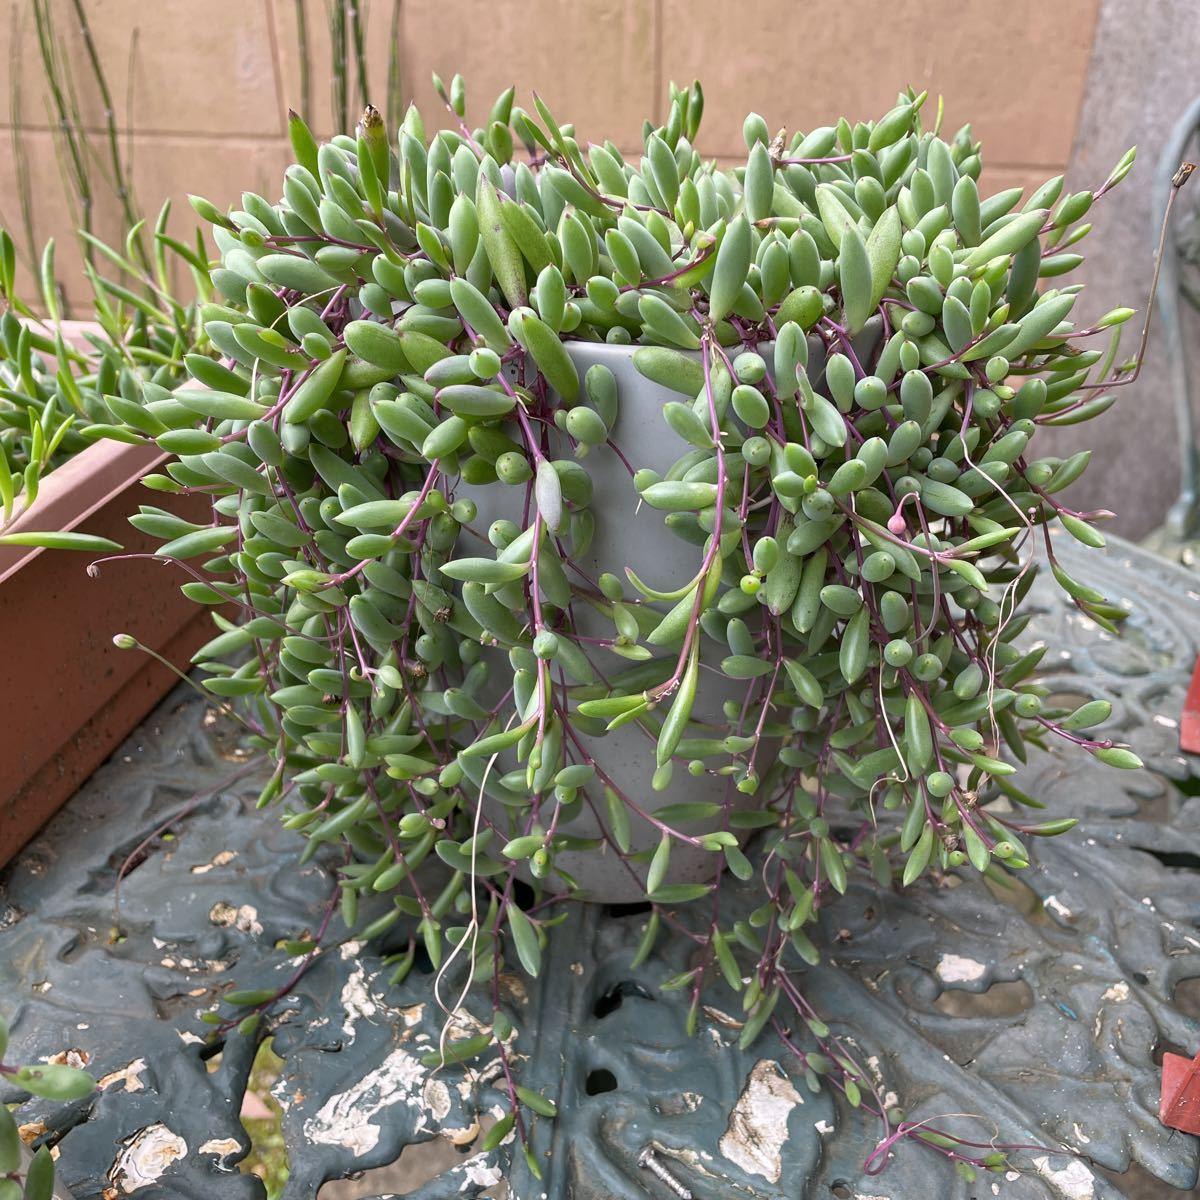 ルビーネックレス 多肉植物 ガーデニング カット苗 根付き 約60cm分 初心者向け 簡単に増える 垂れる_画像6